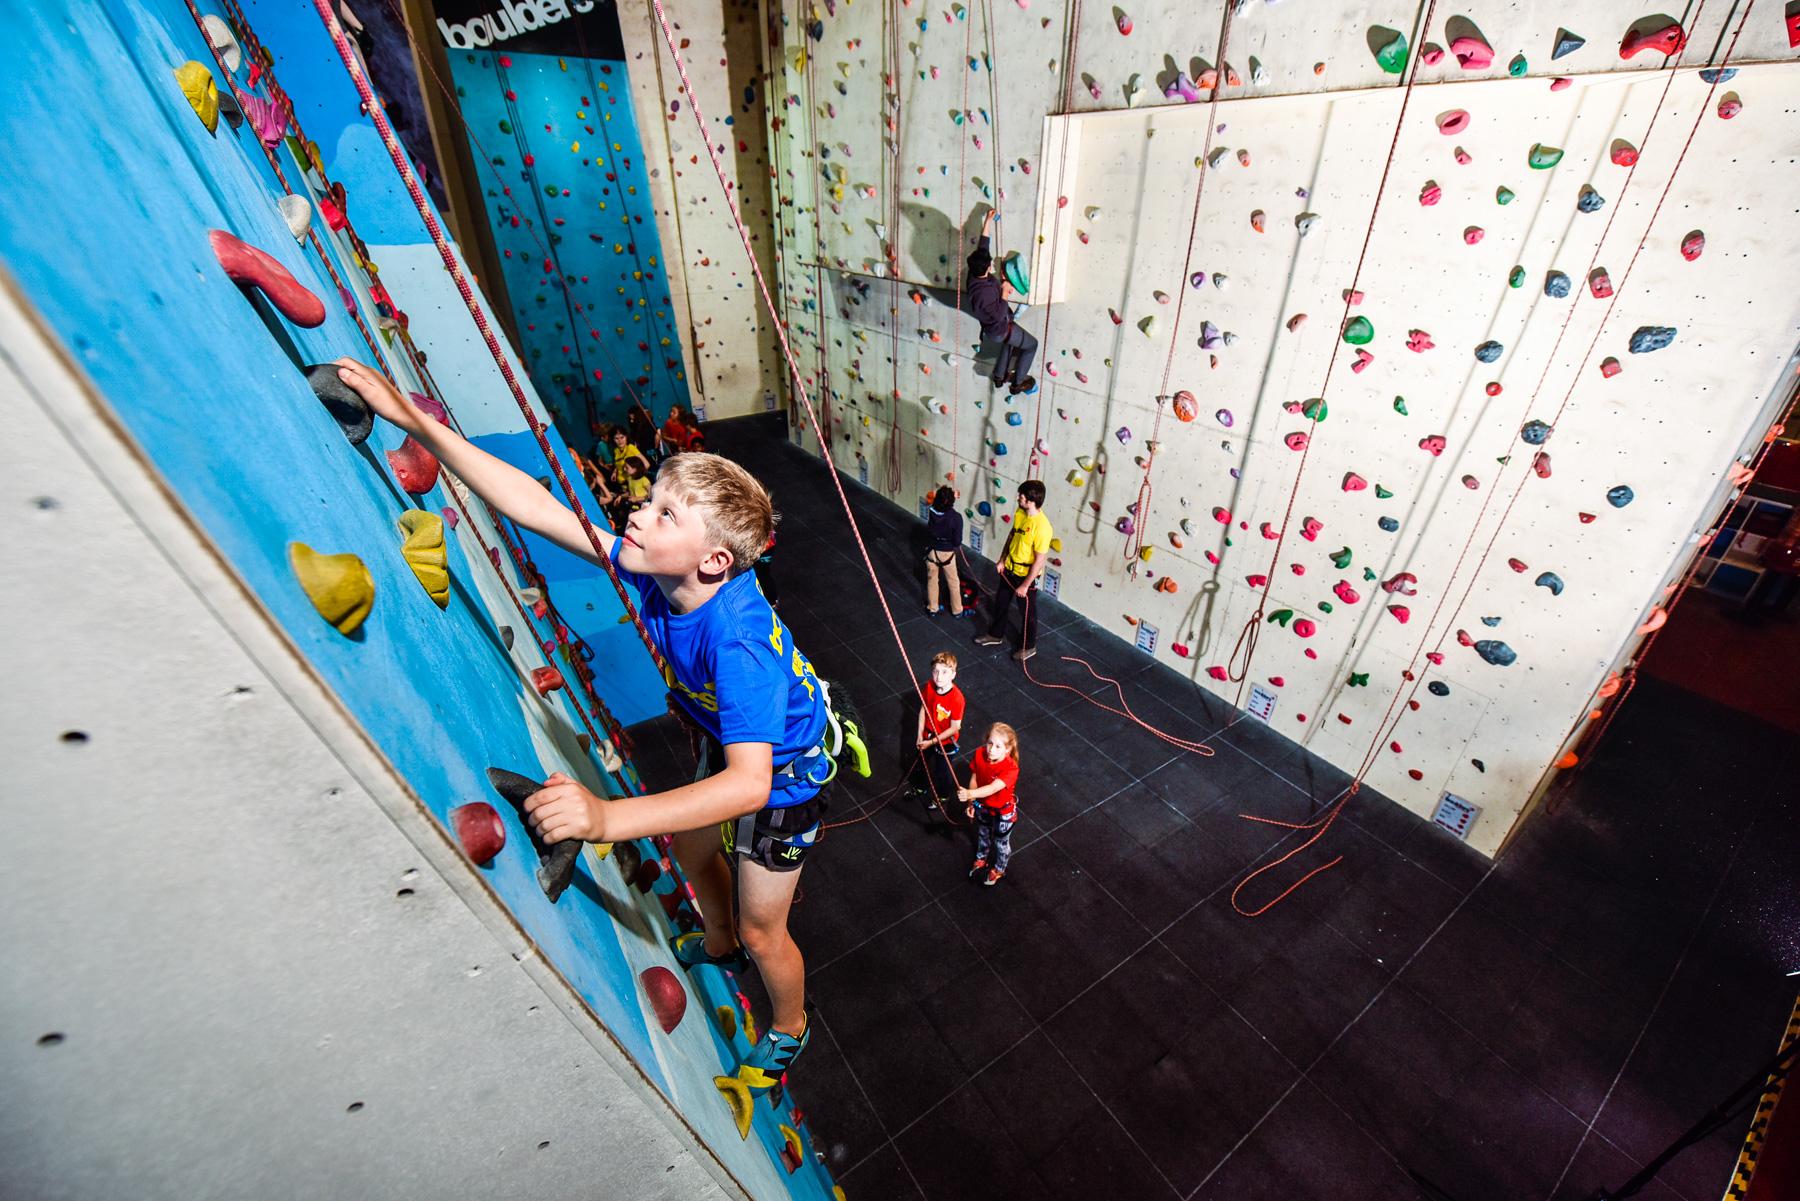 Boulders-7252.jpg